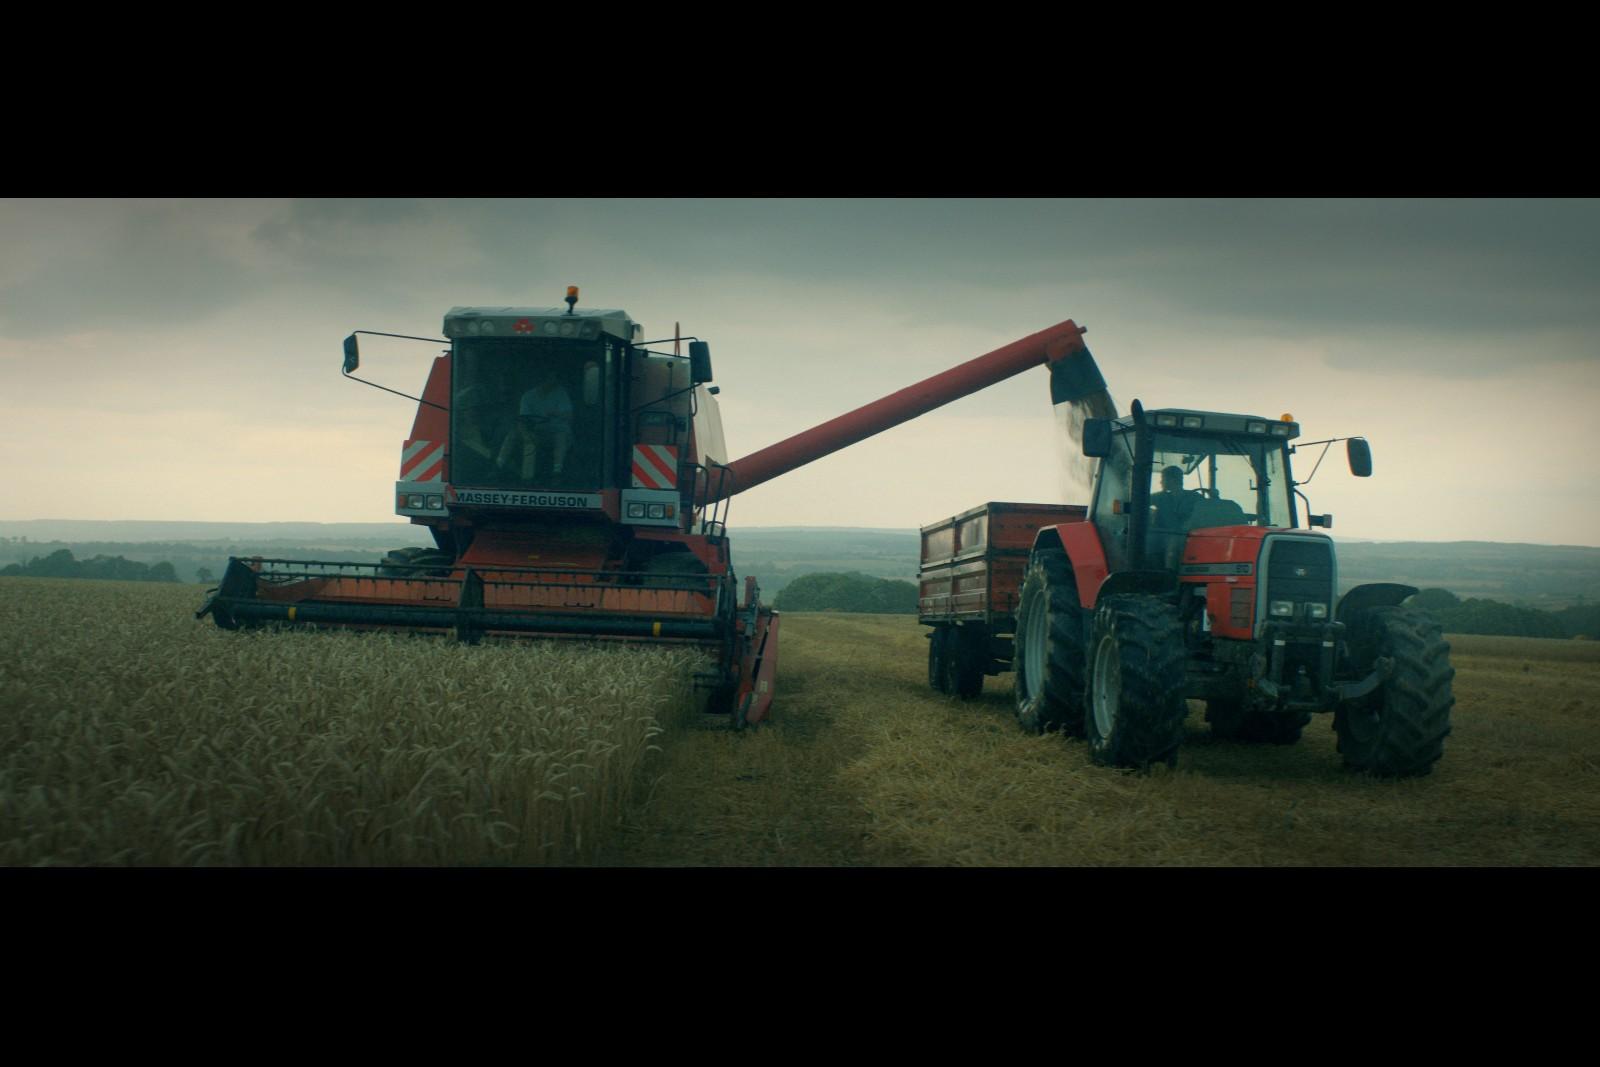 """Résultat de recherche d'images pour """"AU NOM DE LA TERRE France - 2019 - 1h43 de Edouard Bergeon avec Guillaume Canet, Veerle Baetens, Anthony Bajon"""""""